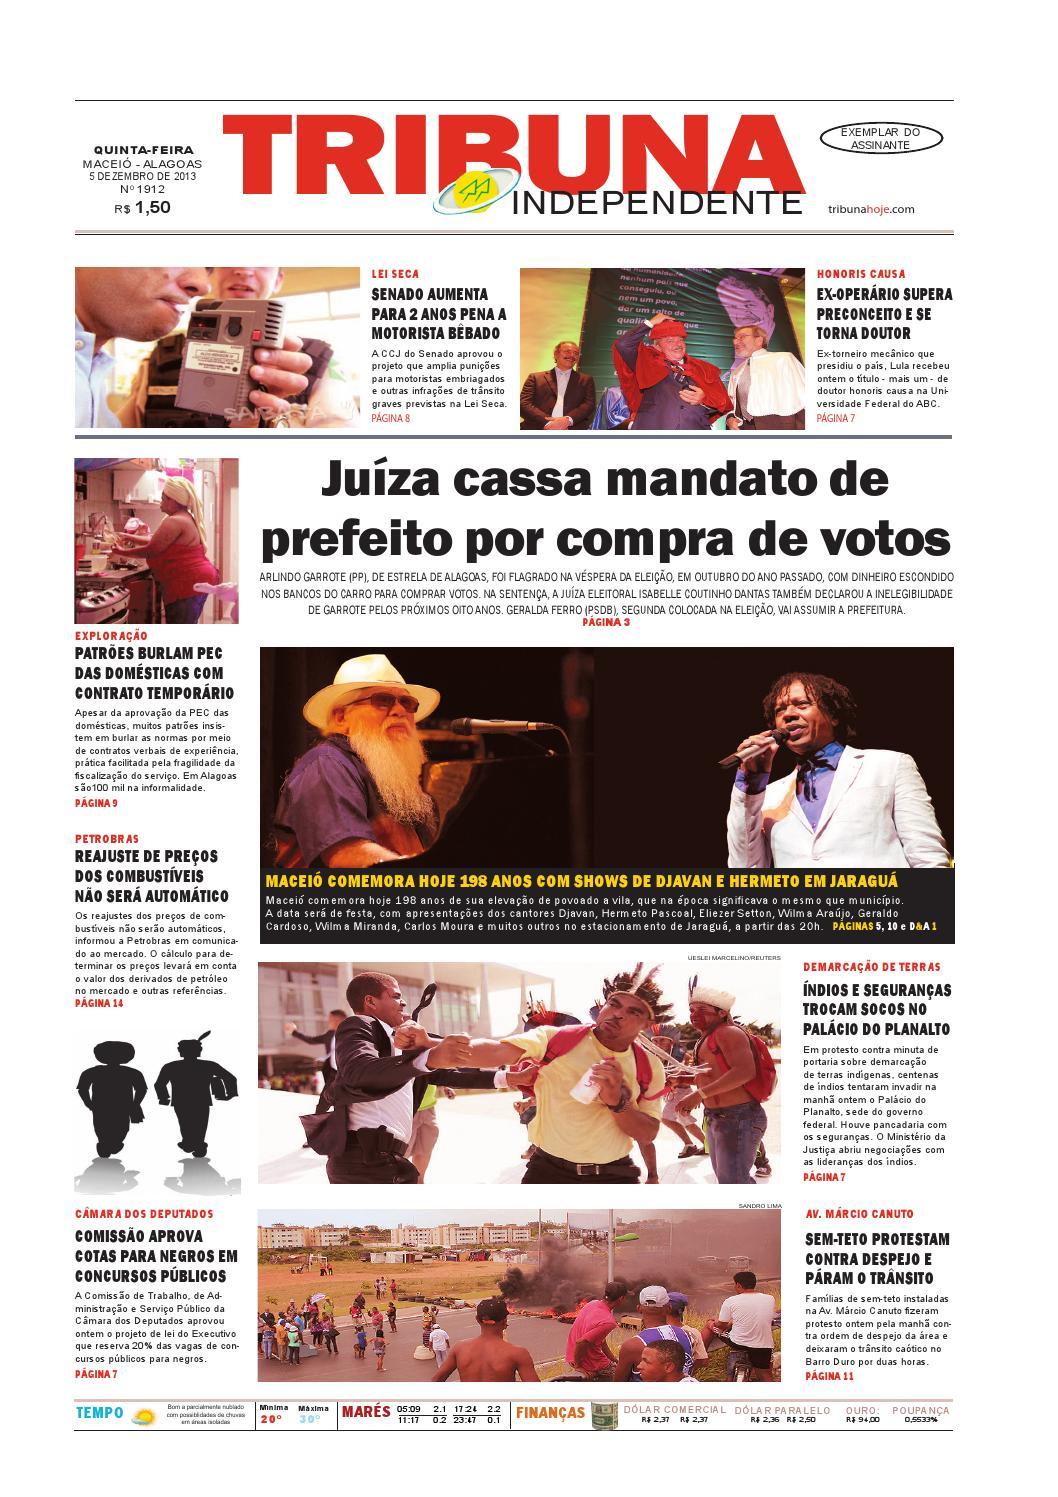 5a539785651 Edição número 1913 - 5 de dezembro de 2013 by Tribuna Hoje - issuu